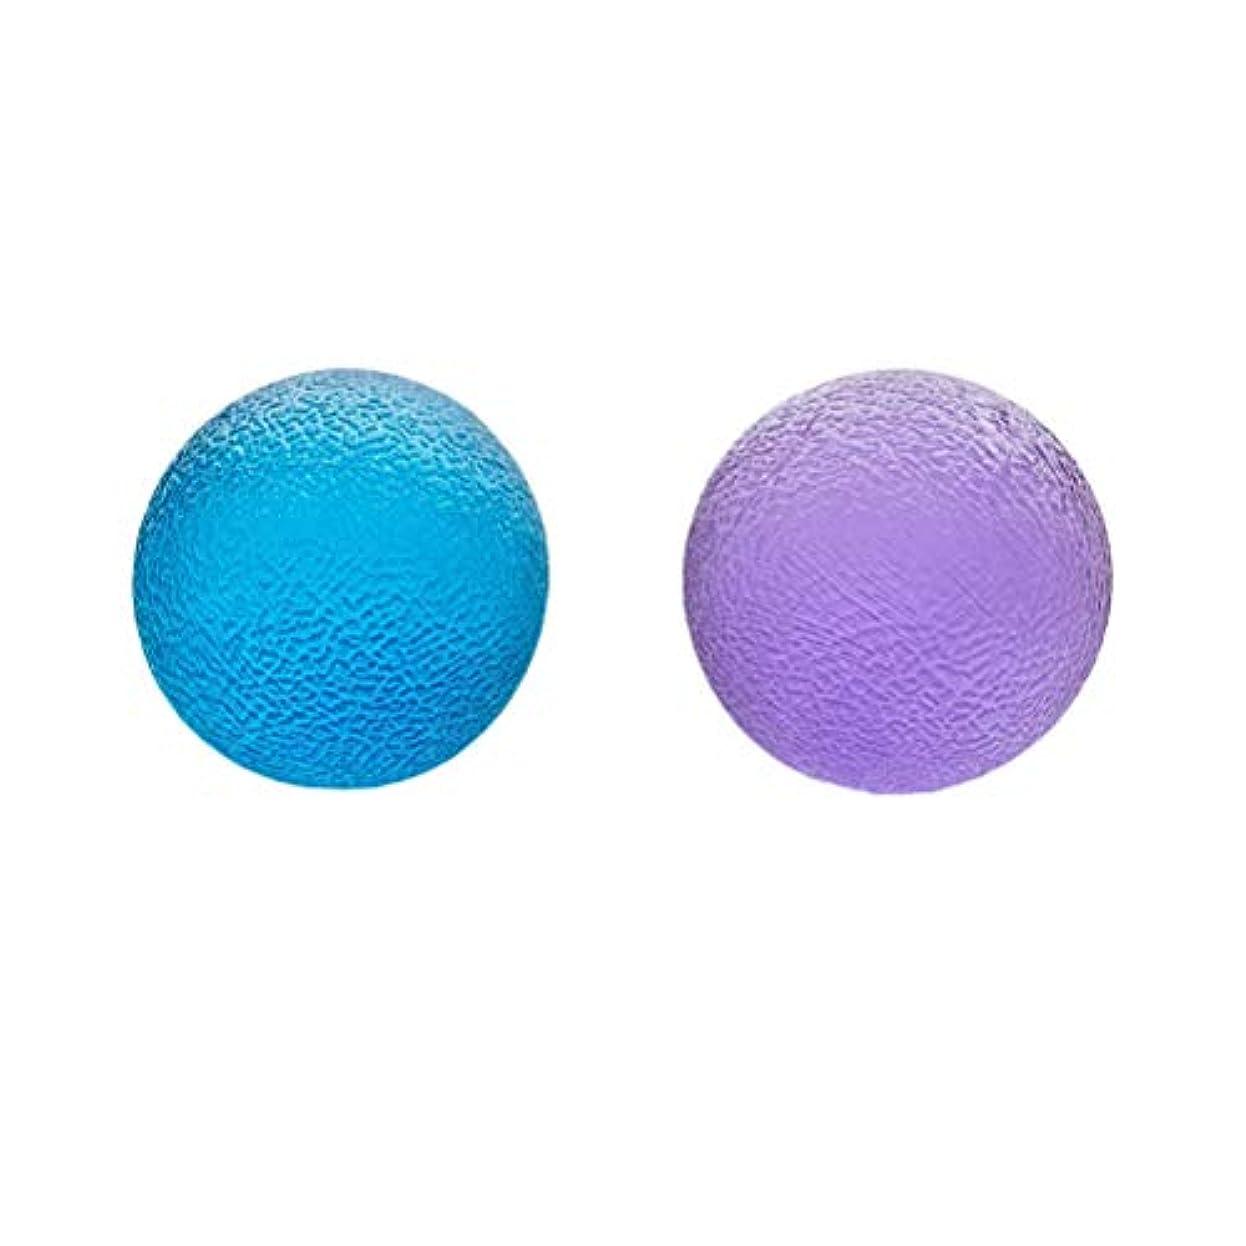 長椅子面清めるHealifty ハンドストレスボールセラピーボールストレス解消のためにハンドグリップボールを絞る関節炎の痛みを軽減するセラピー強化治療2個(青と紫)